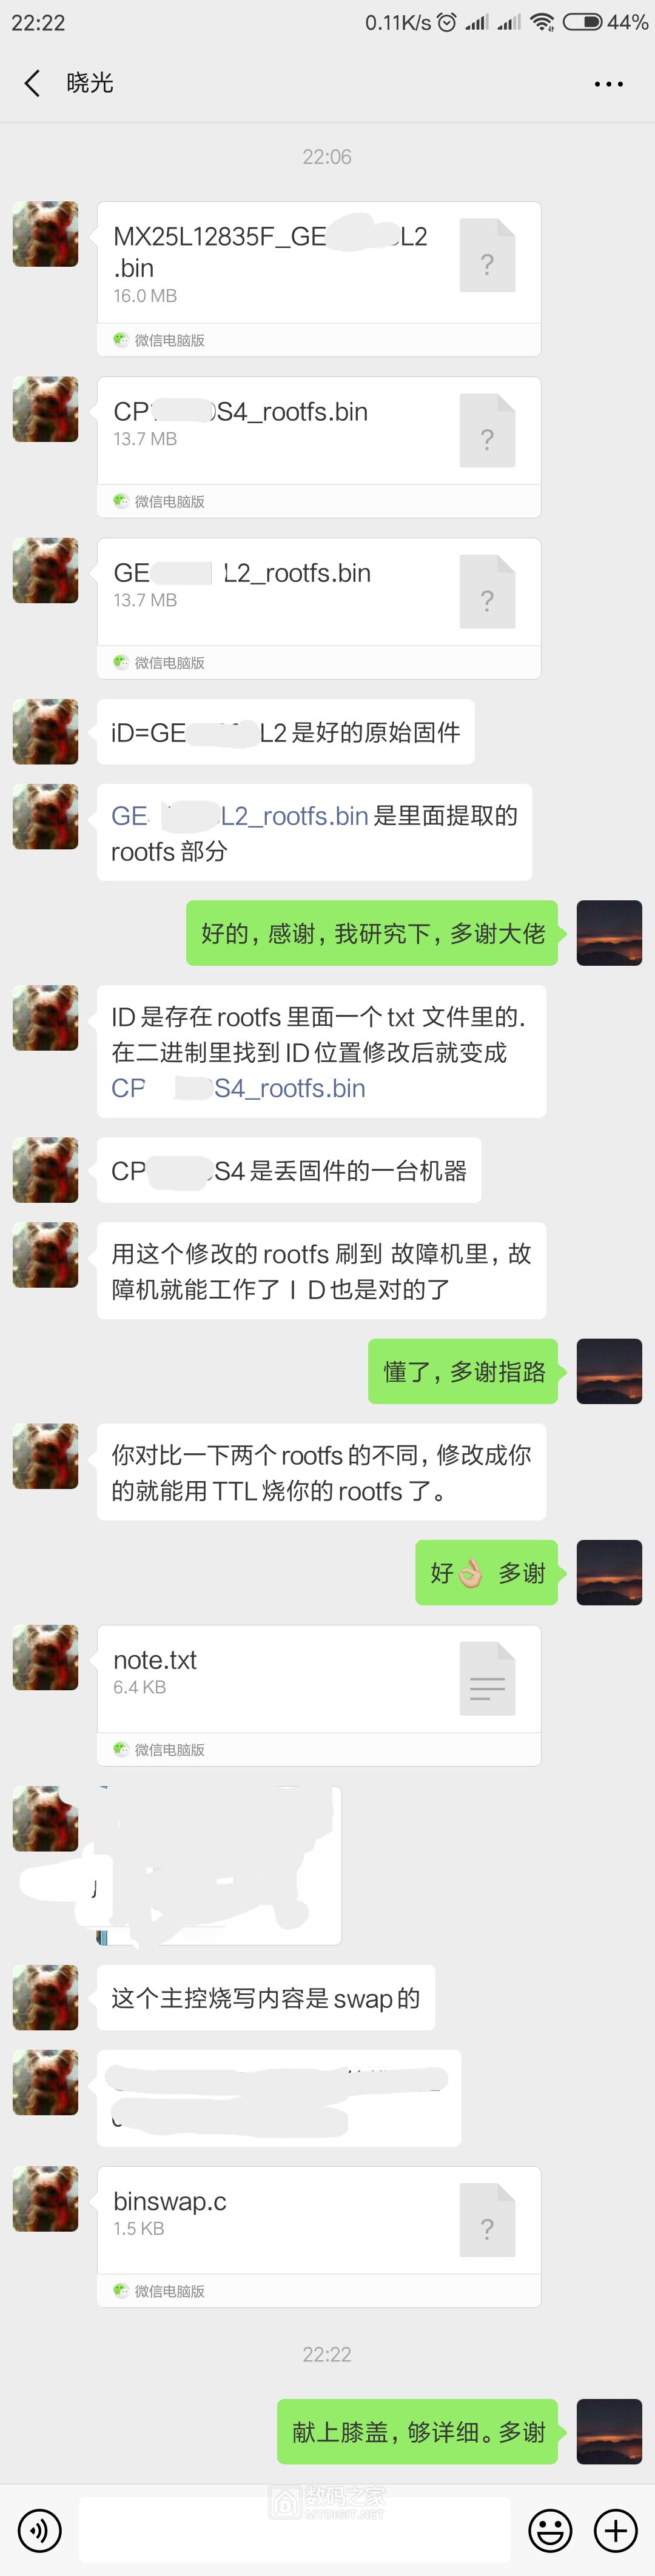 Screenshot_2020-03-09-22-22-30-007_com.tencent.mm.png